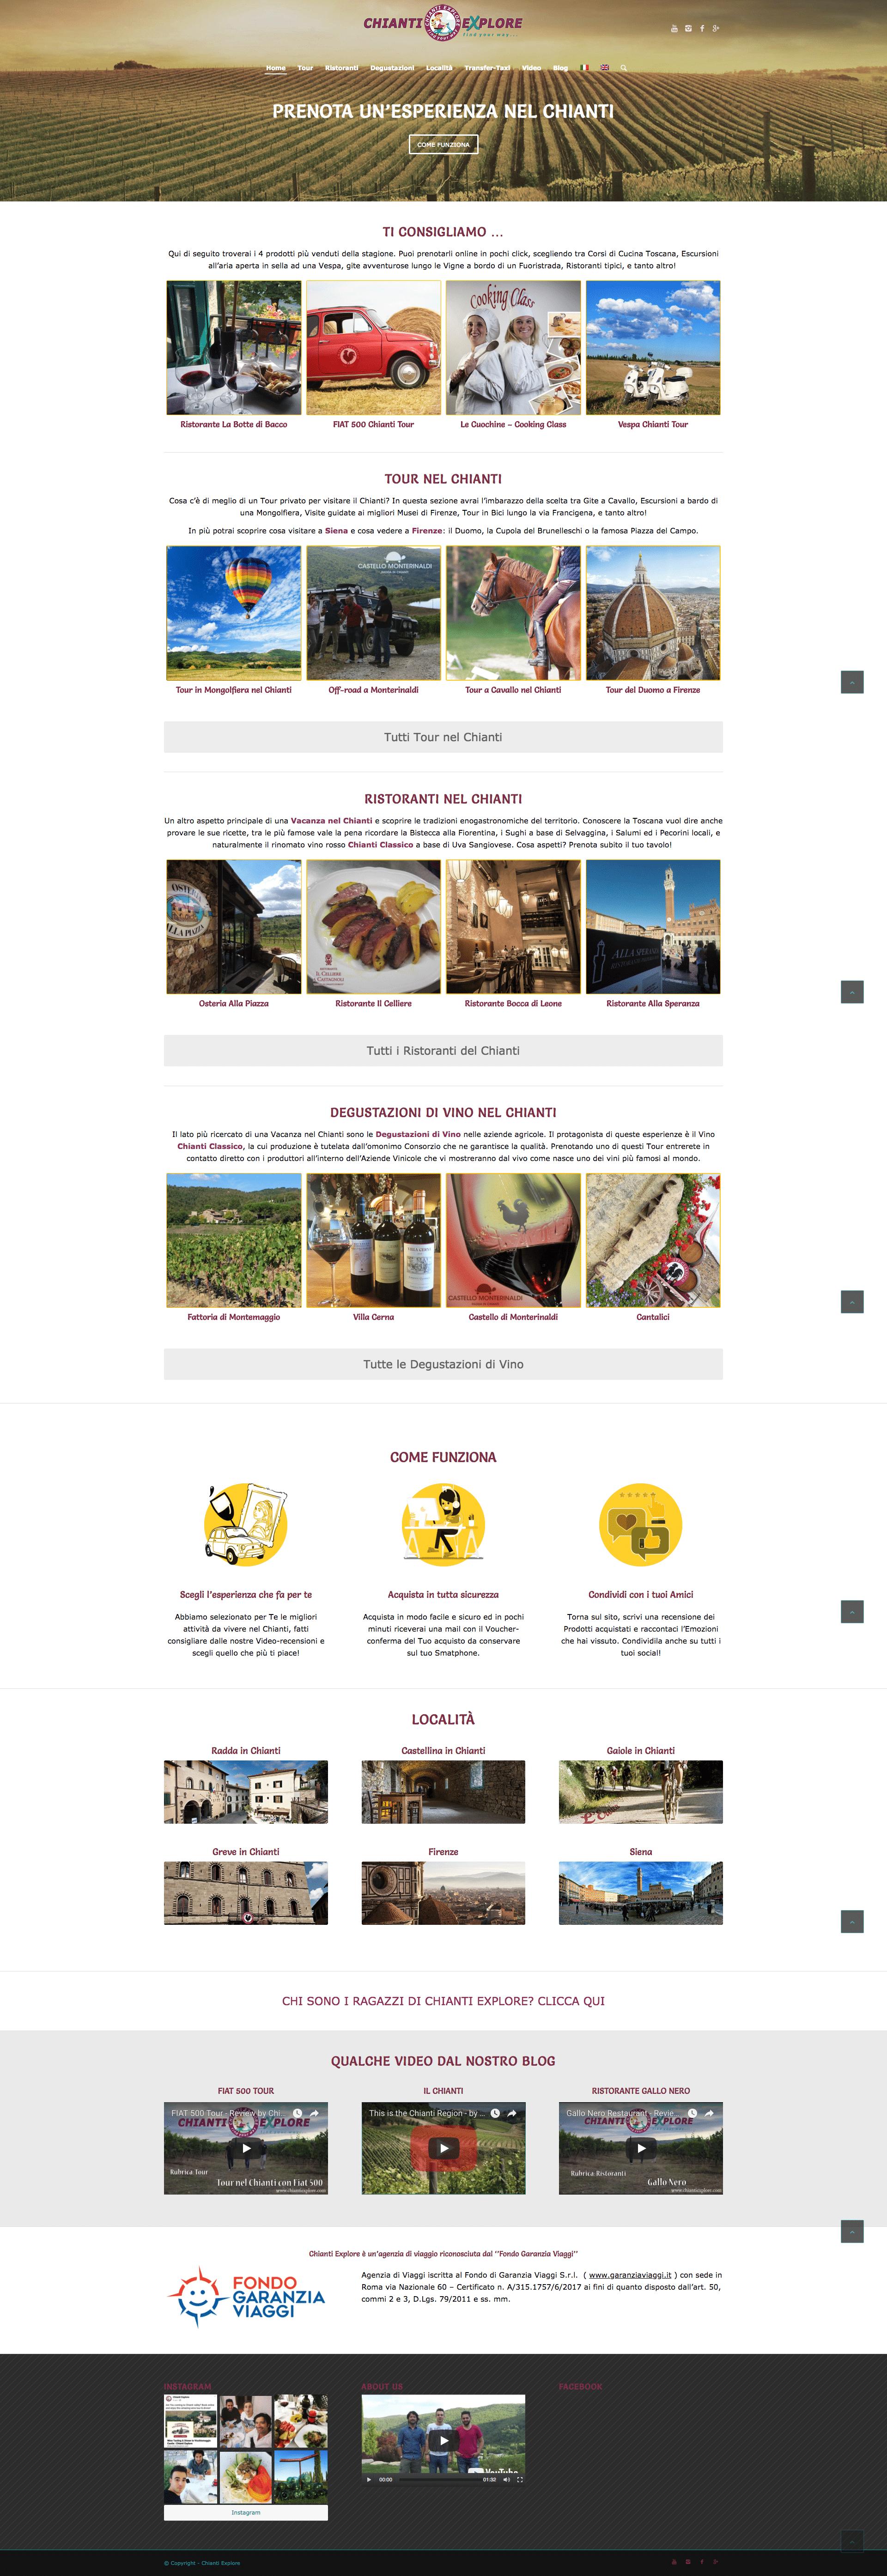 Ottimizzazione SEO Sito web Chianti Explore